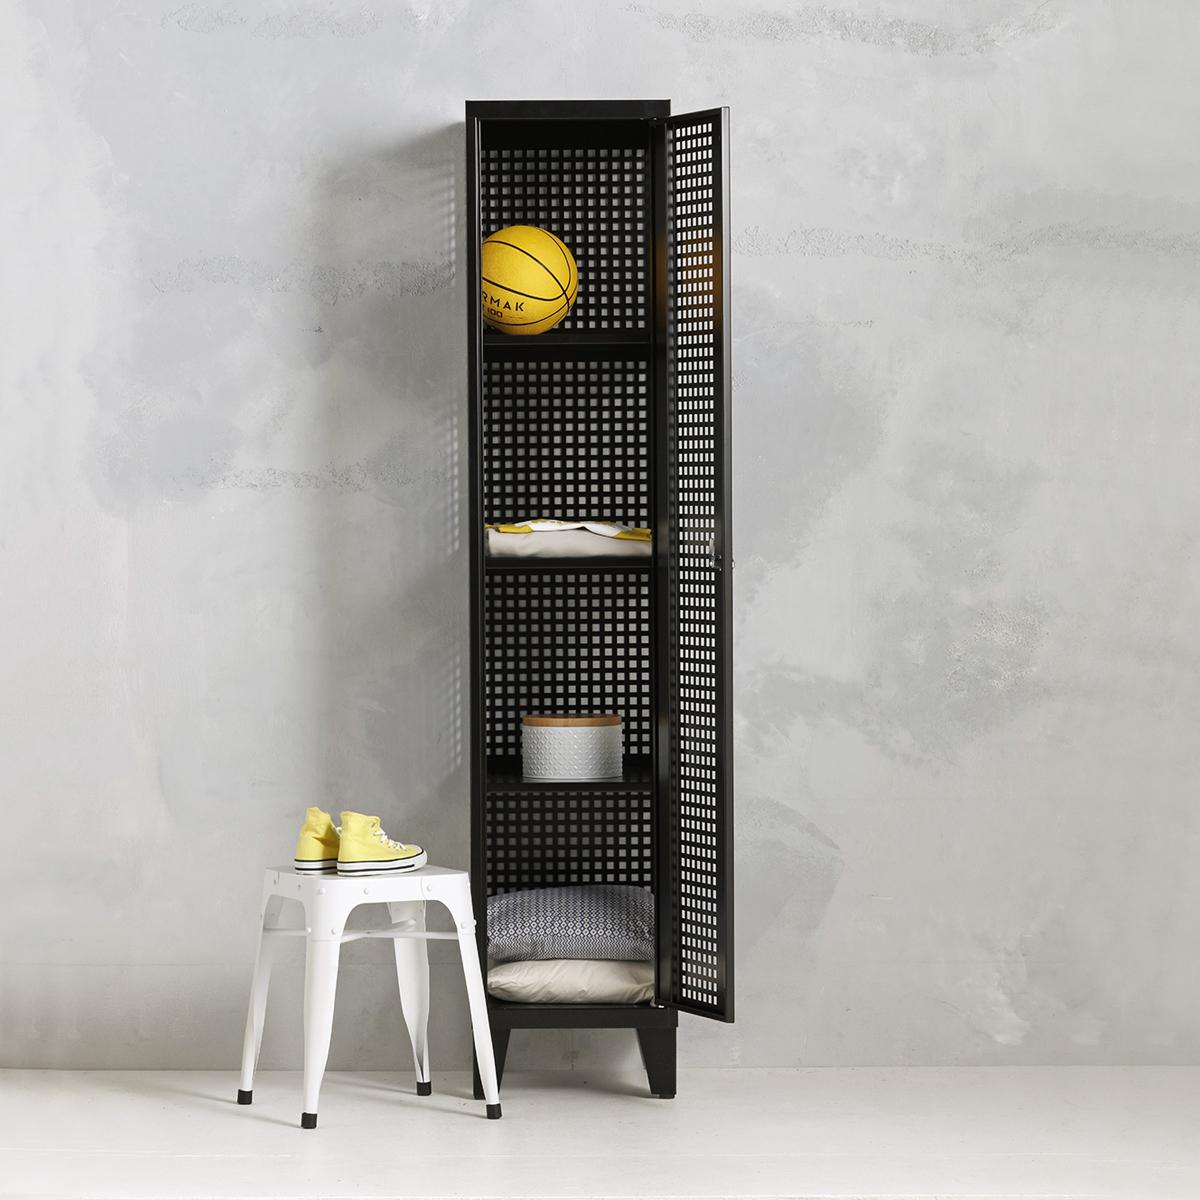 Geperforeerde lockerkast planken - zwart - 1 deurs - 194x40x50 cm - PLS-101